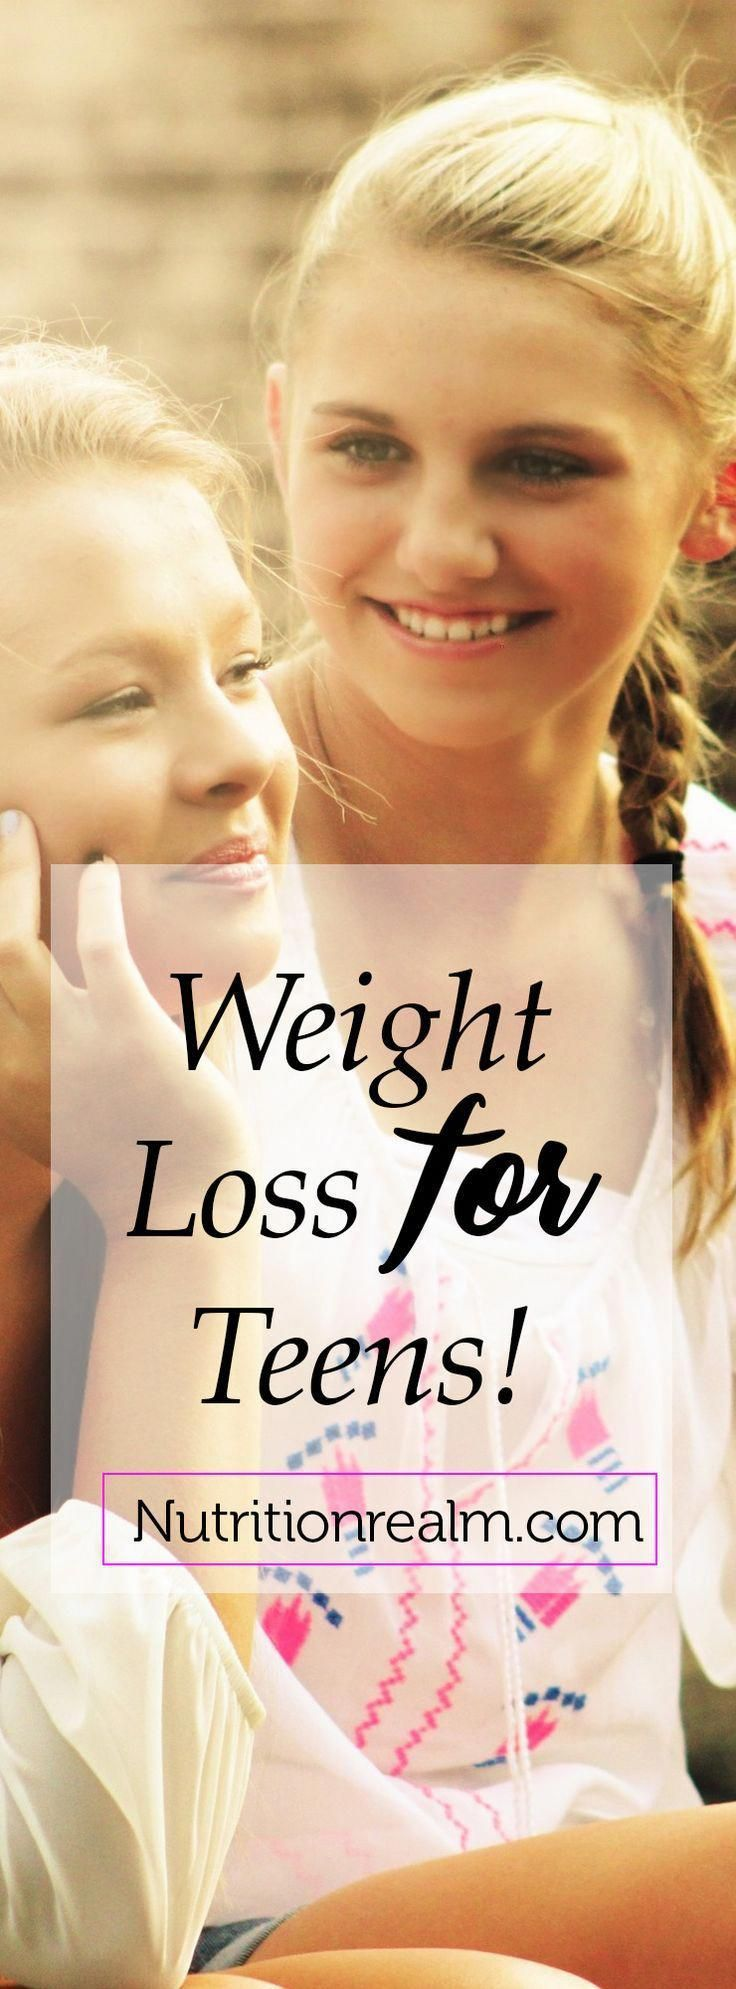 Dies ist der Hauptgrund, warum das Trainieren und Aufbauen von Muskelmasse …